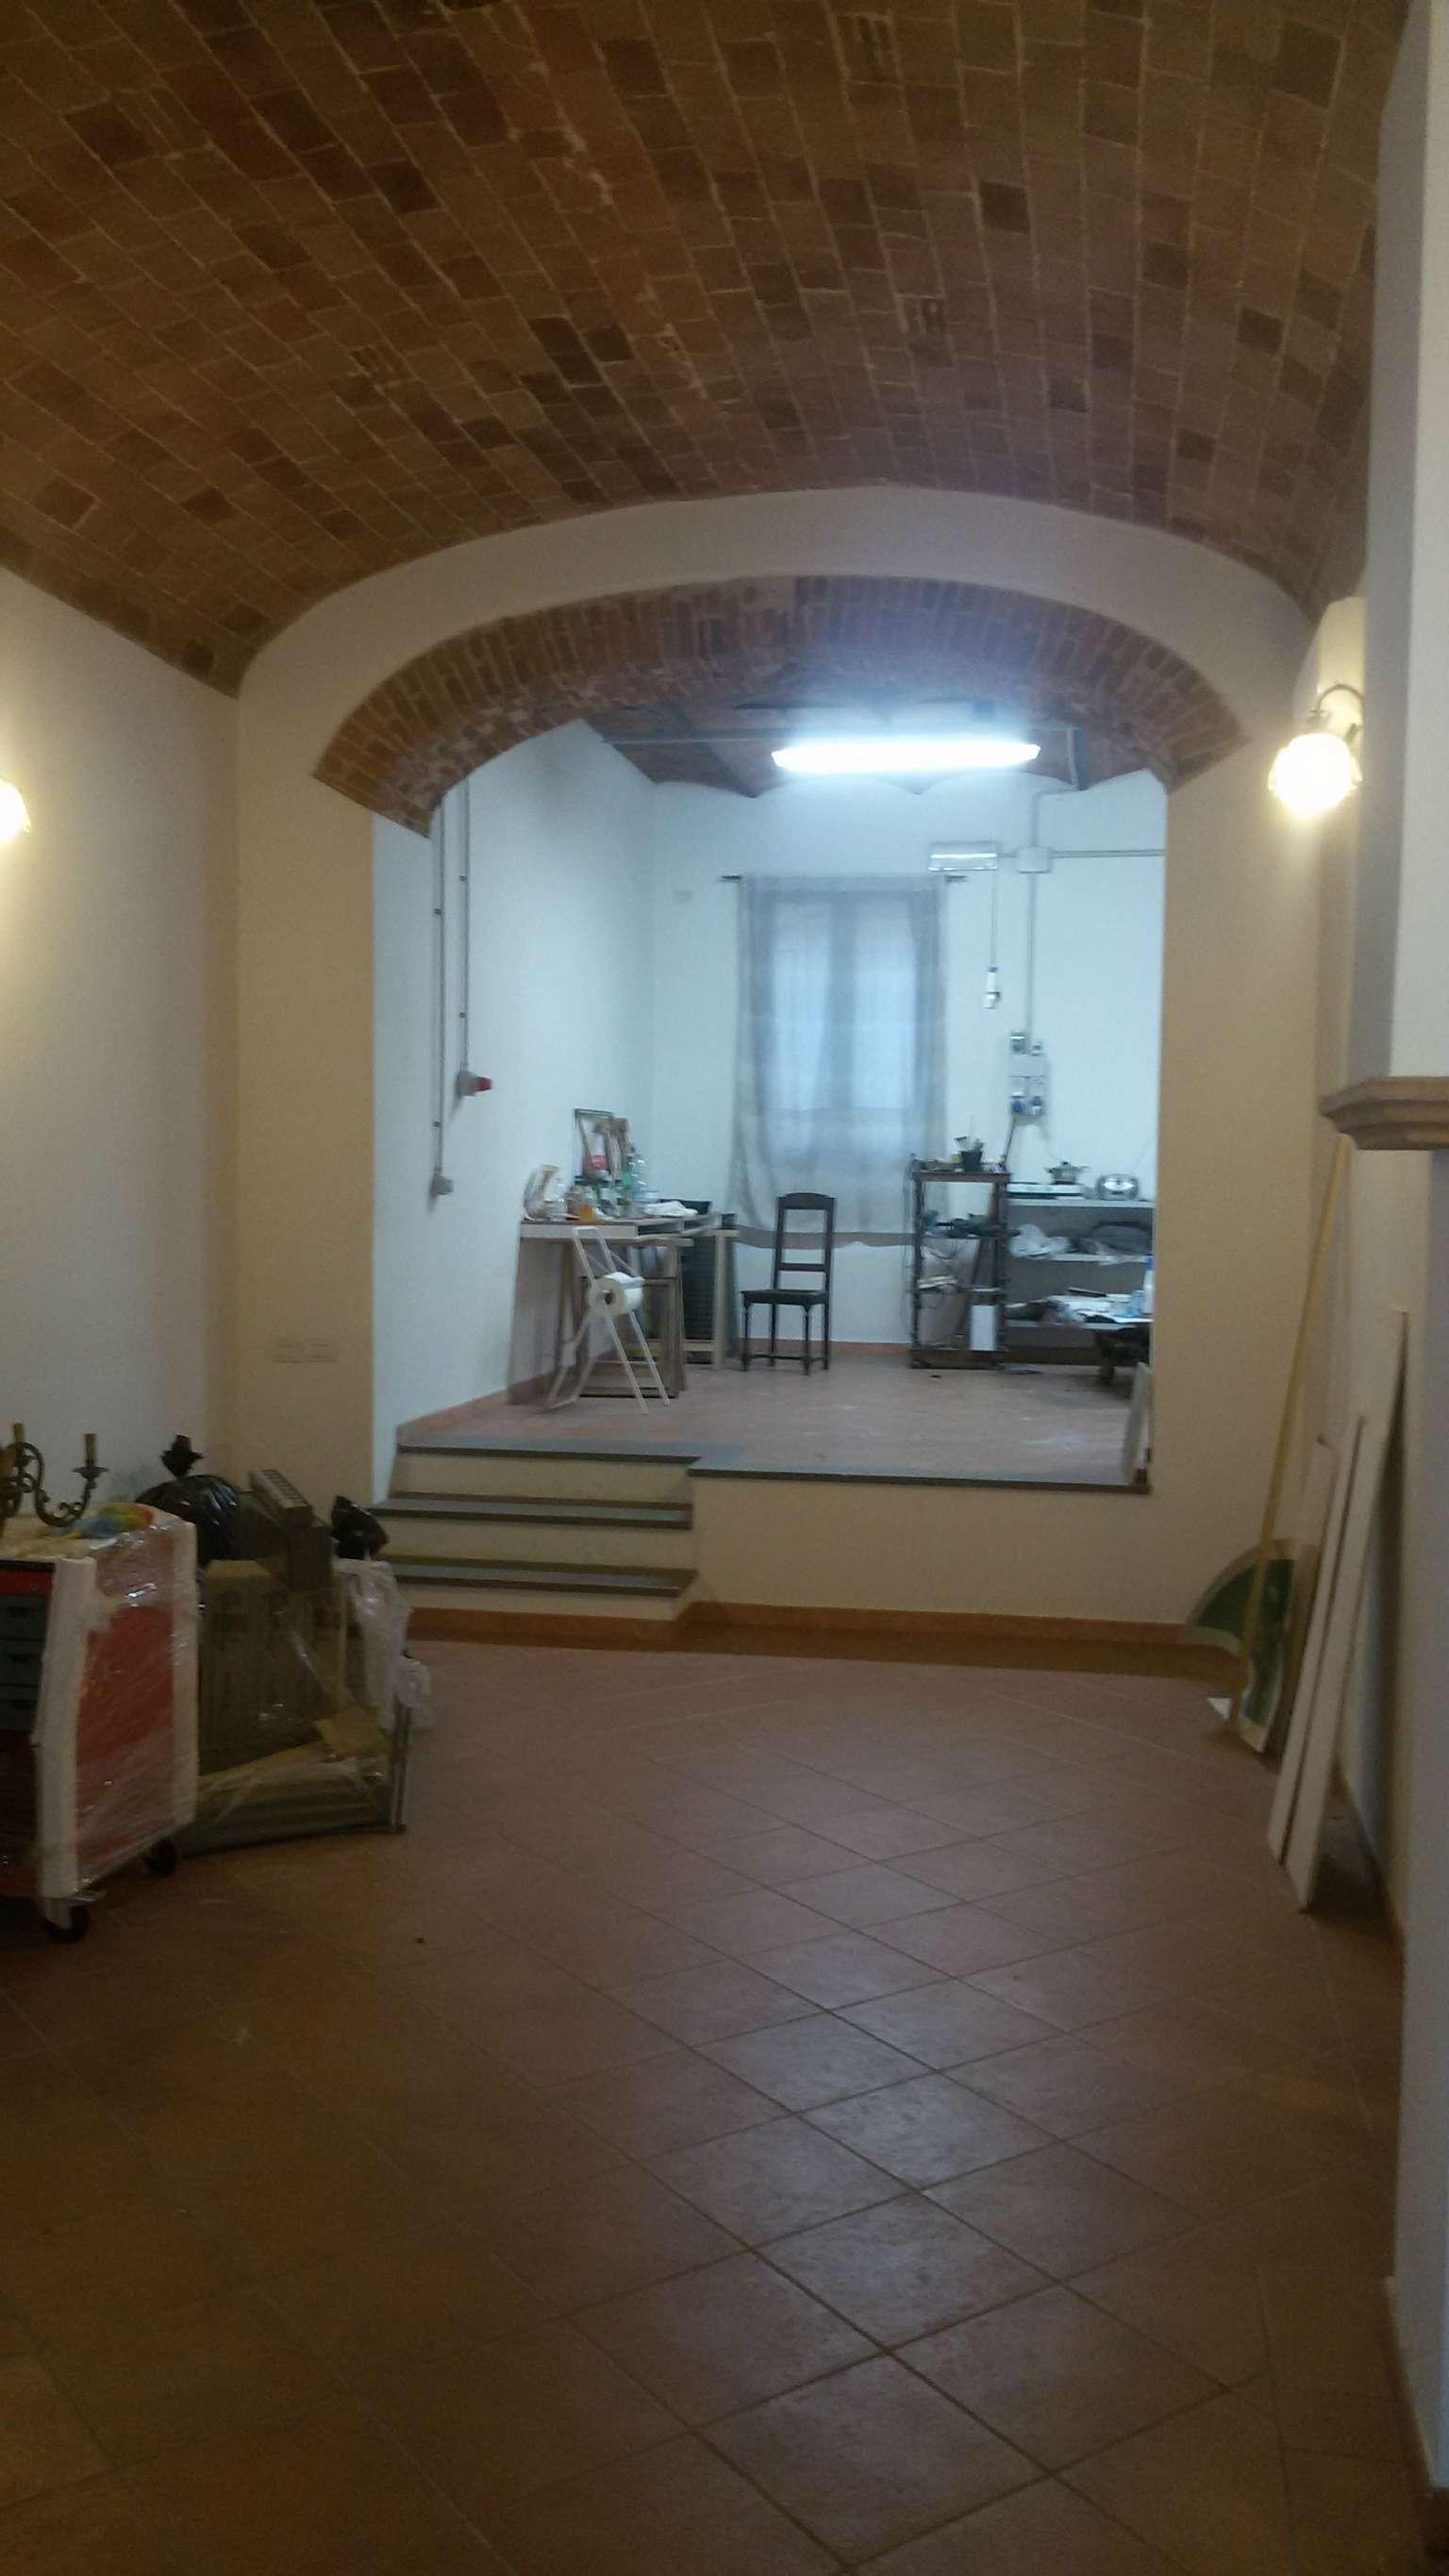 Negozio / Locale in vendita a Prato, 2 locali, prezzo € 170.000 | CambioCasa.it